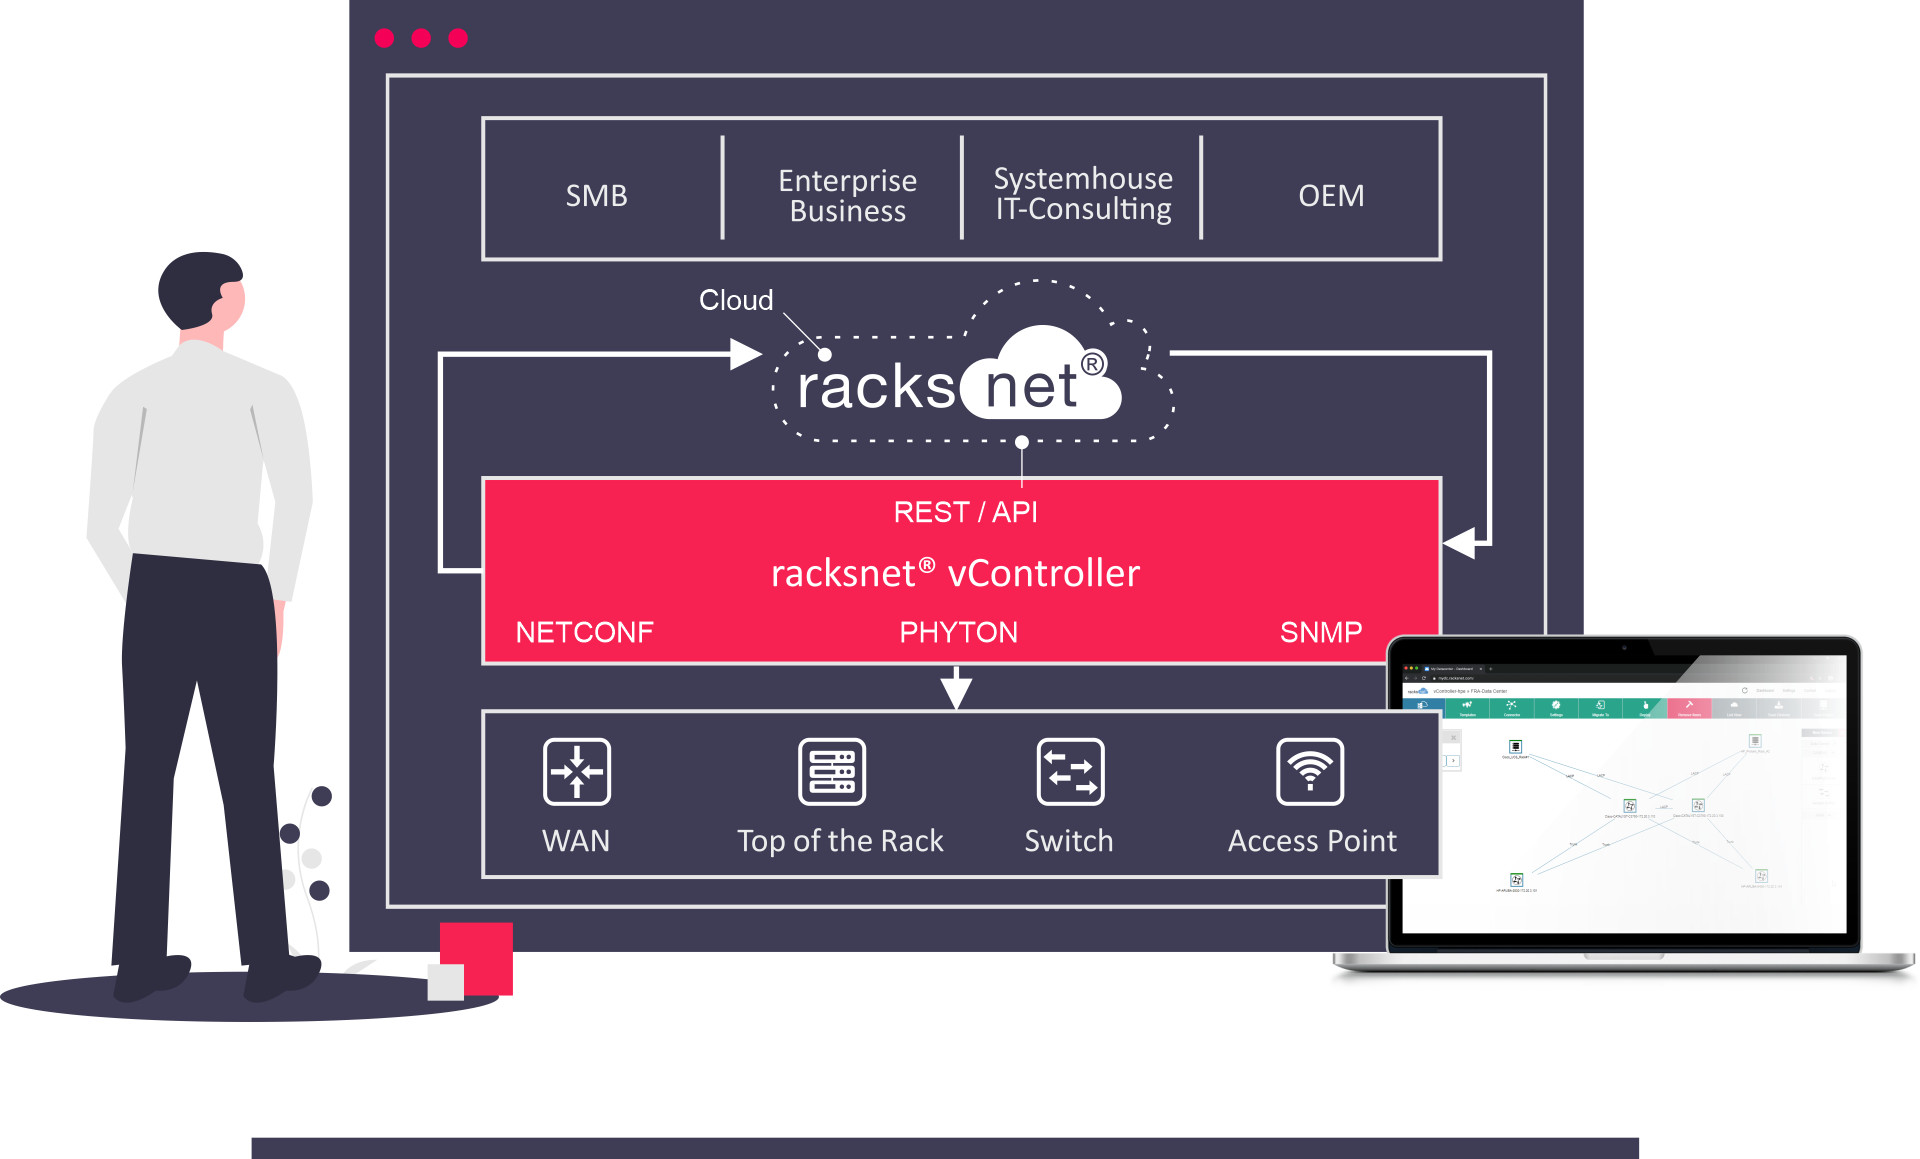 Netzwerkautomatisierung mit racksnet im schematischen Überblick